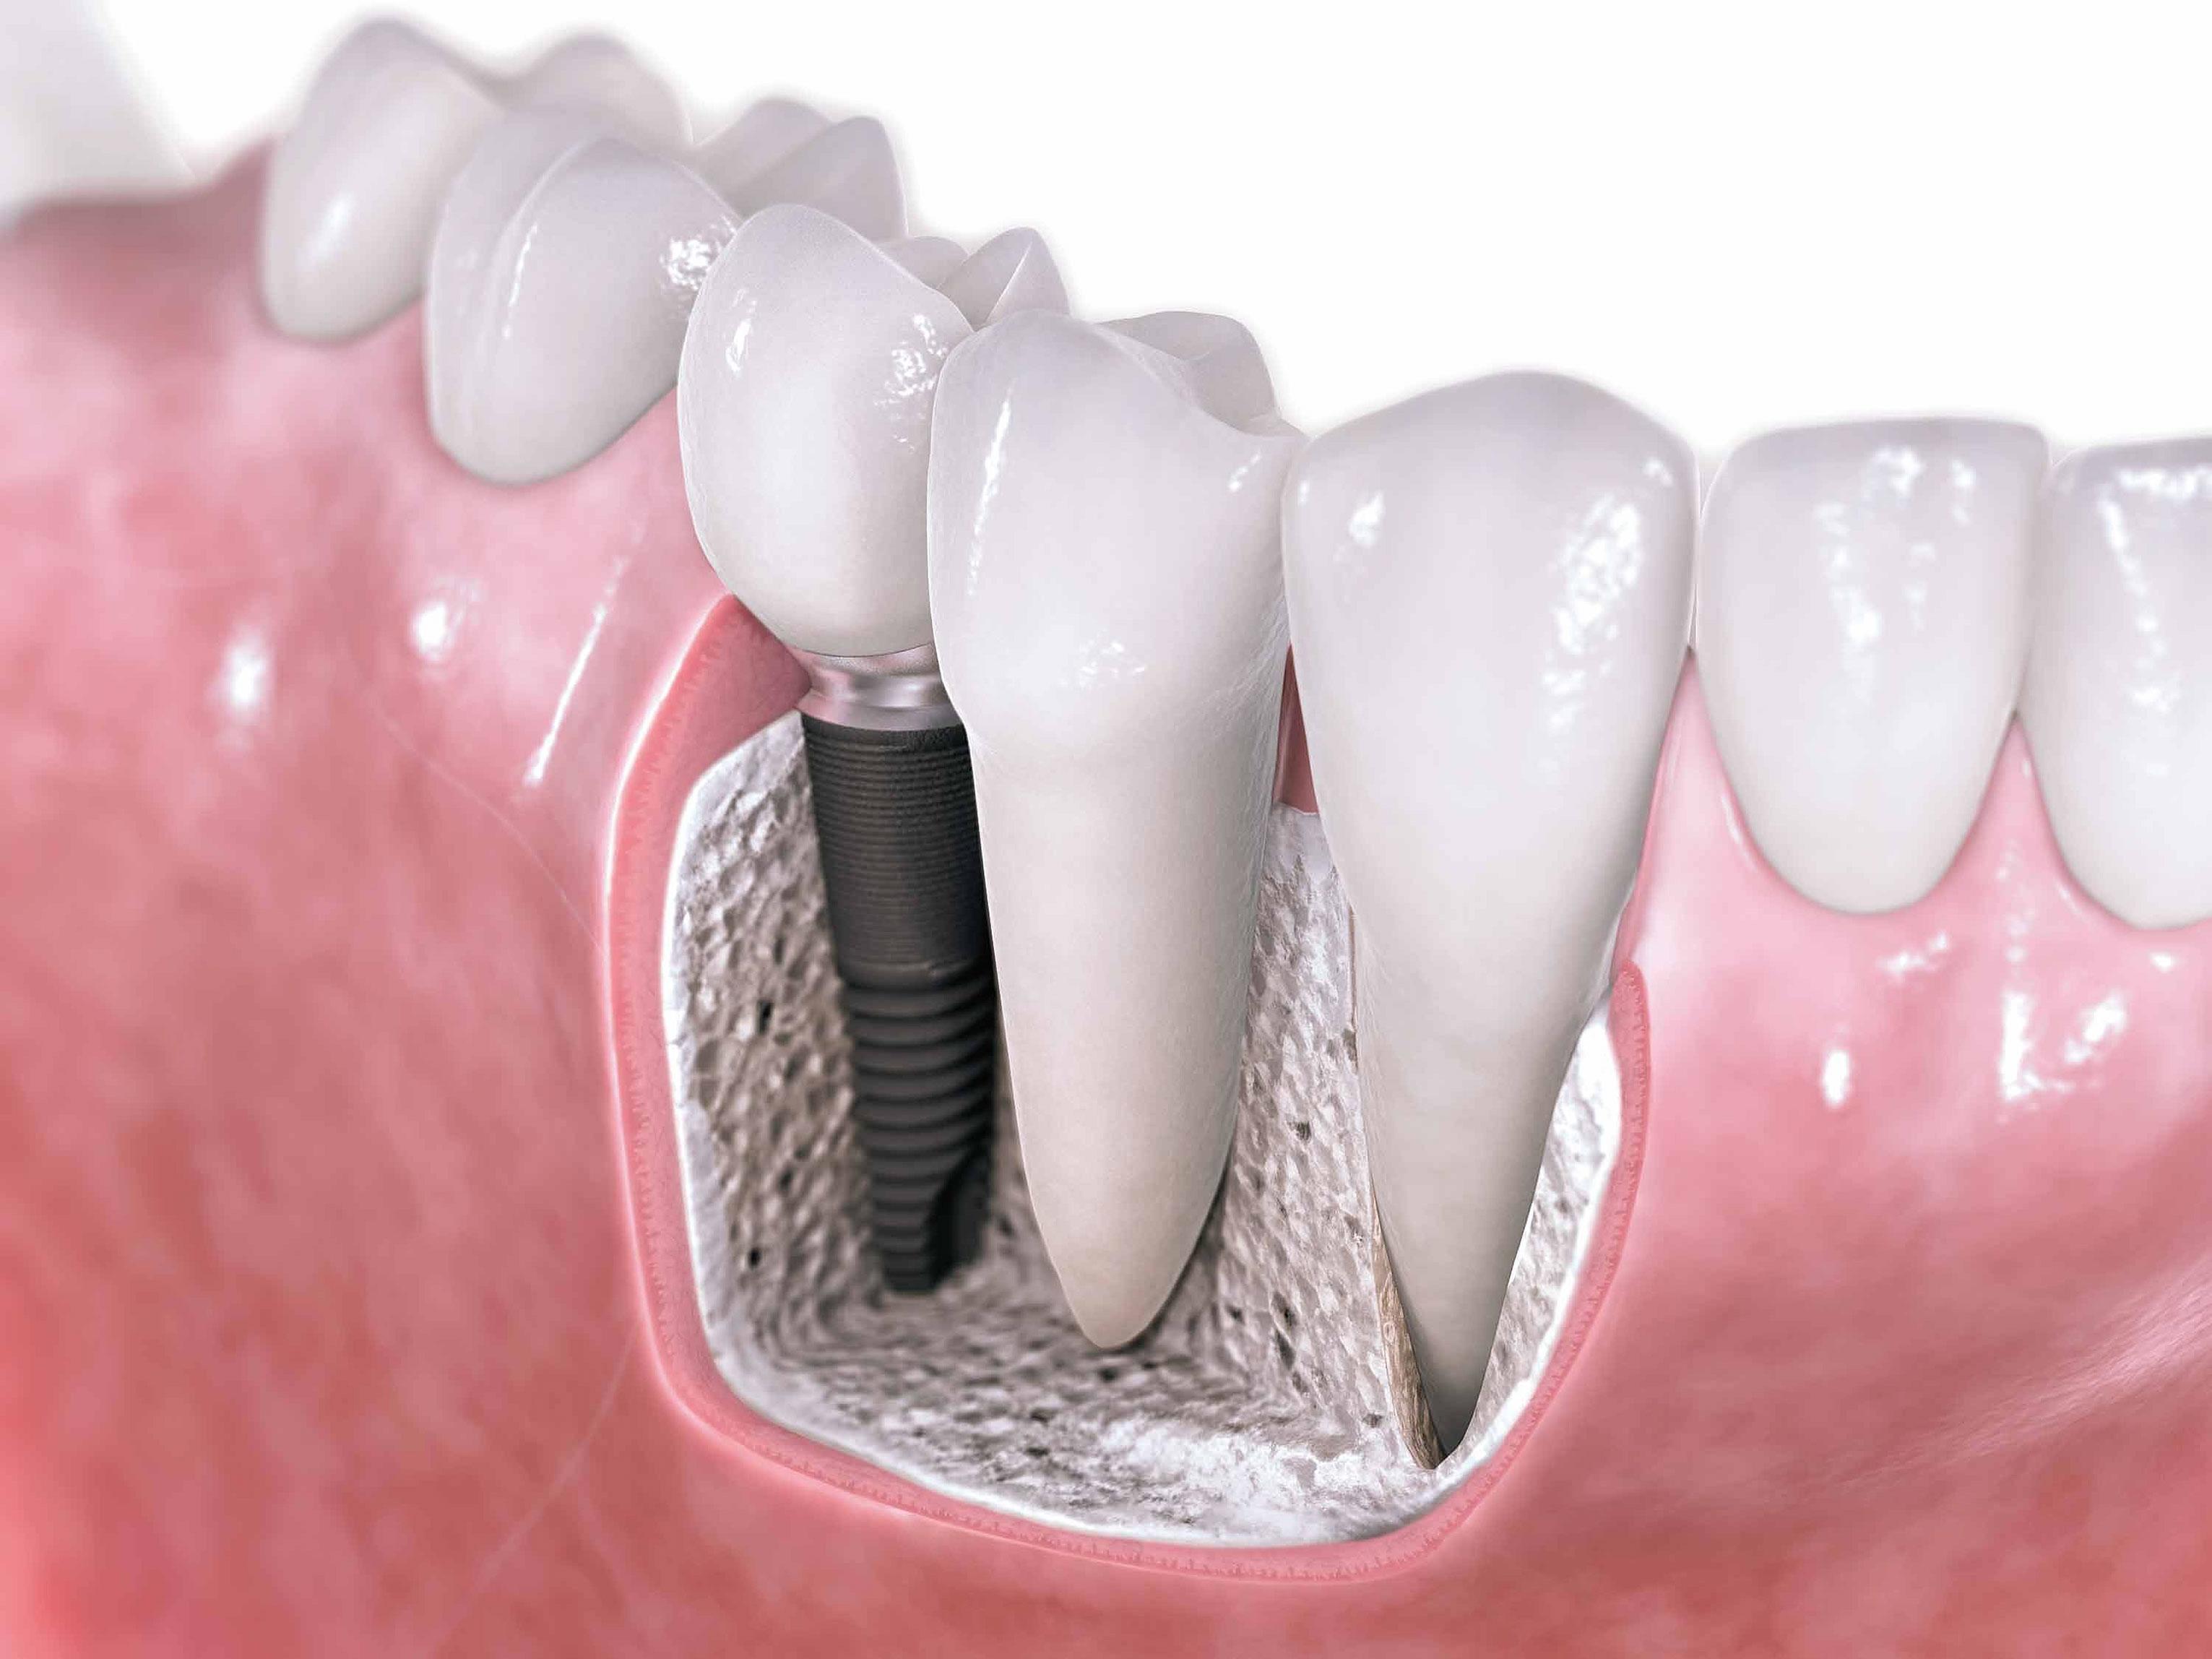 Implantología Bucomaxilofacial